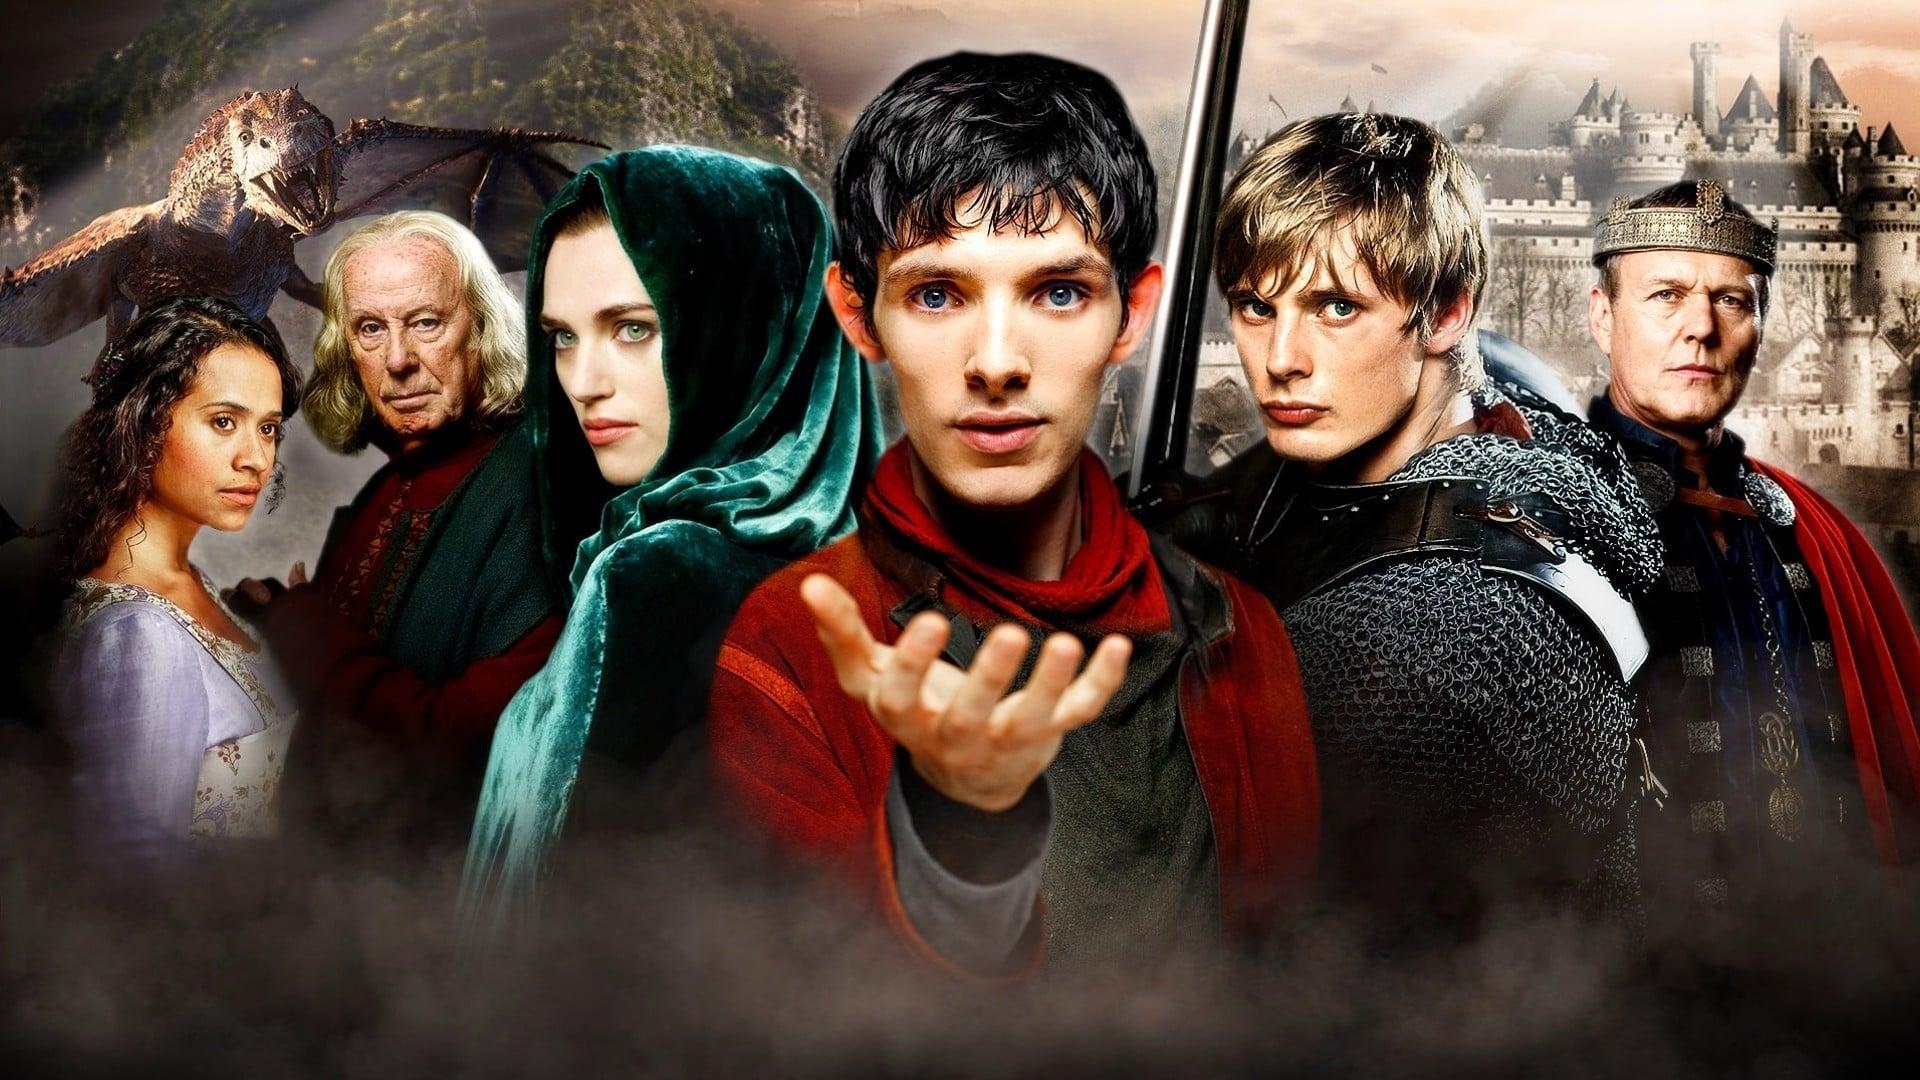 Merlin - Season 5 Episode 8